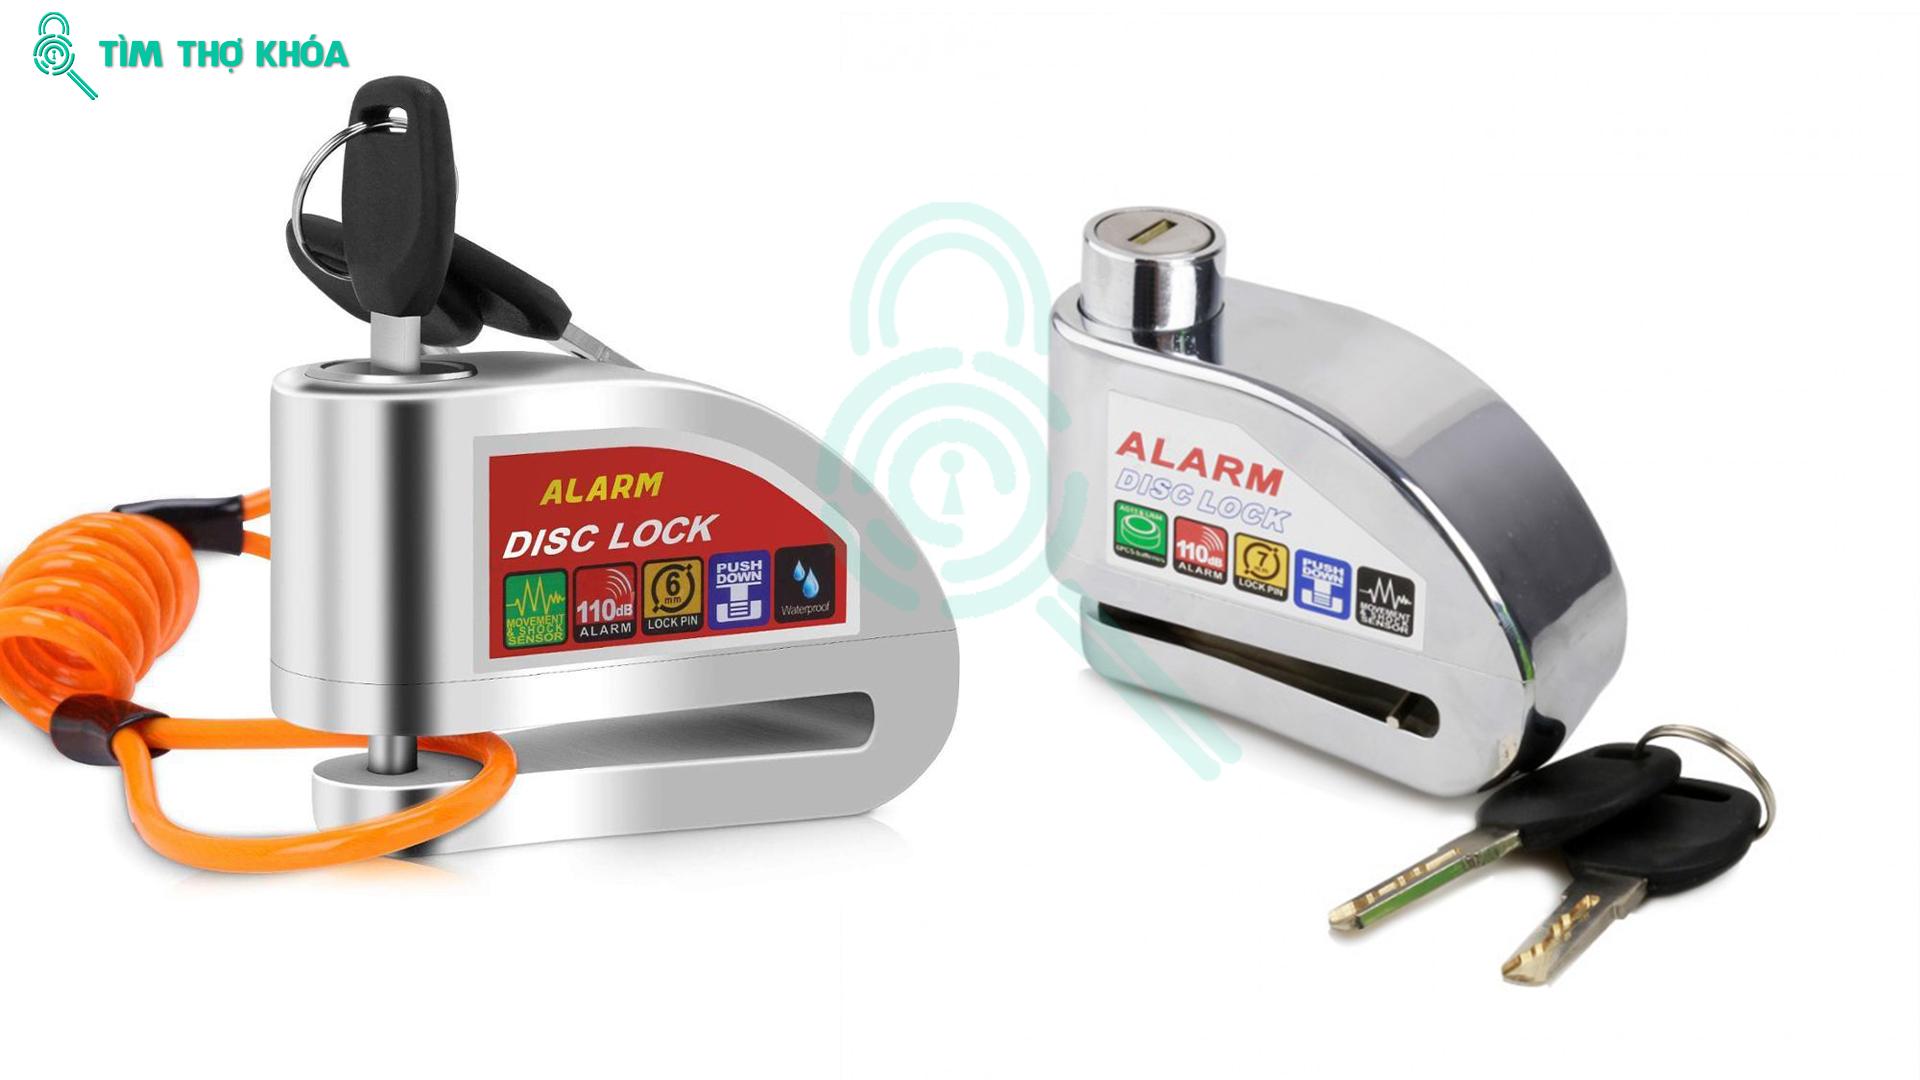 Ổ khóa đĩa xe máy có thực sự tốt? Những ổ khóa đĩa nào đang được nhiều người sử dụng?